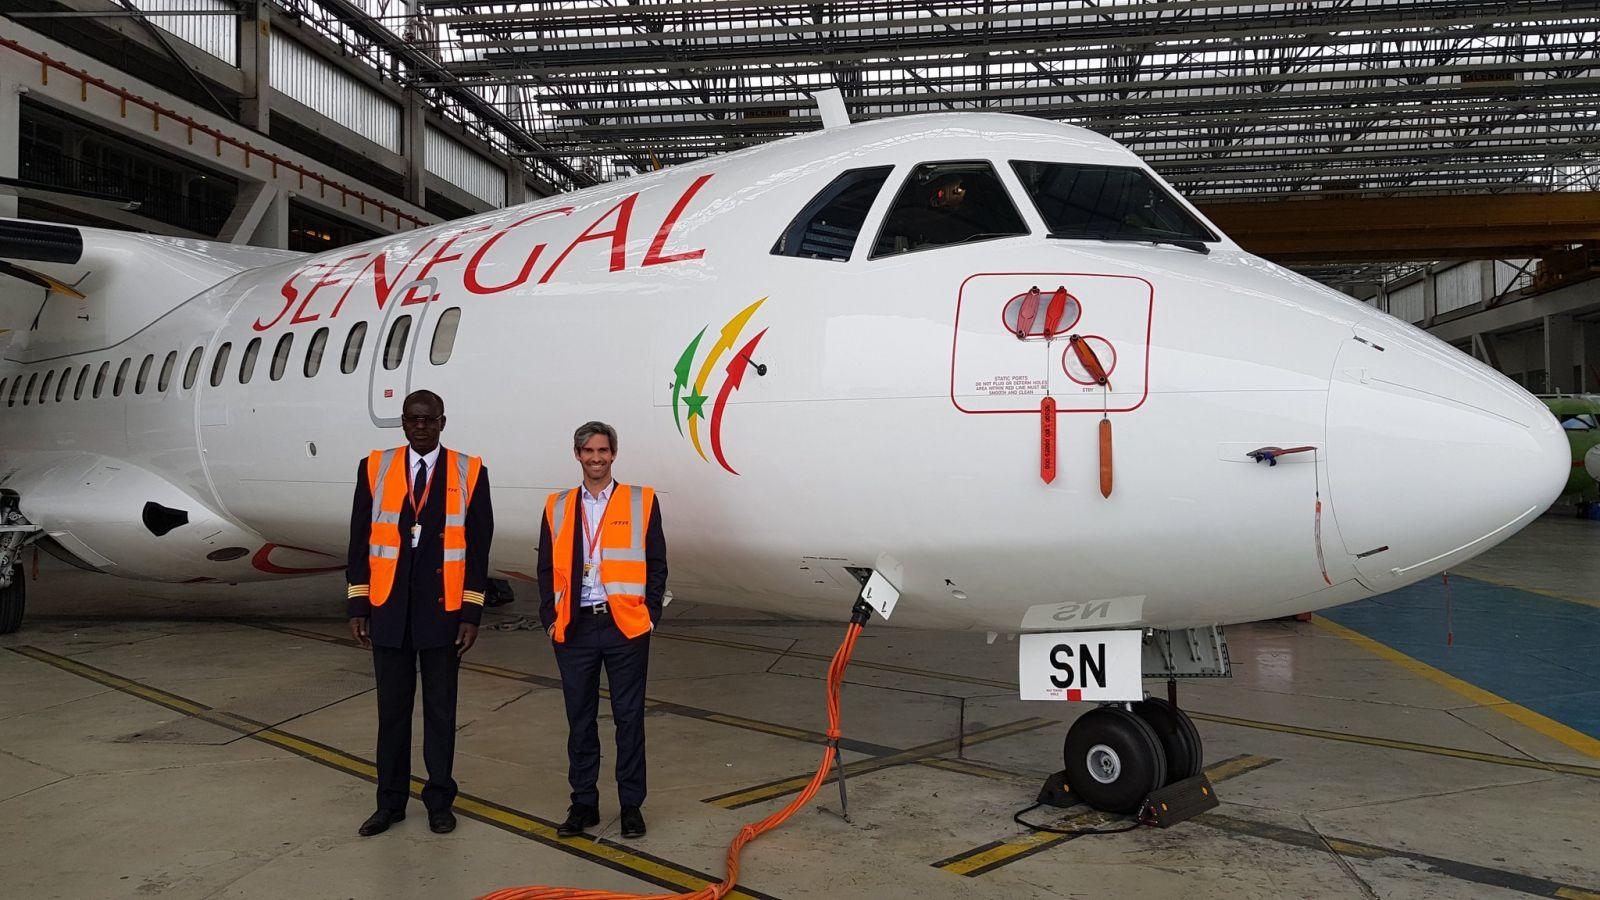 La compagnie aérienne Air Sénégal victime de Piratage sur sa plateforme